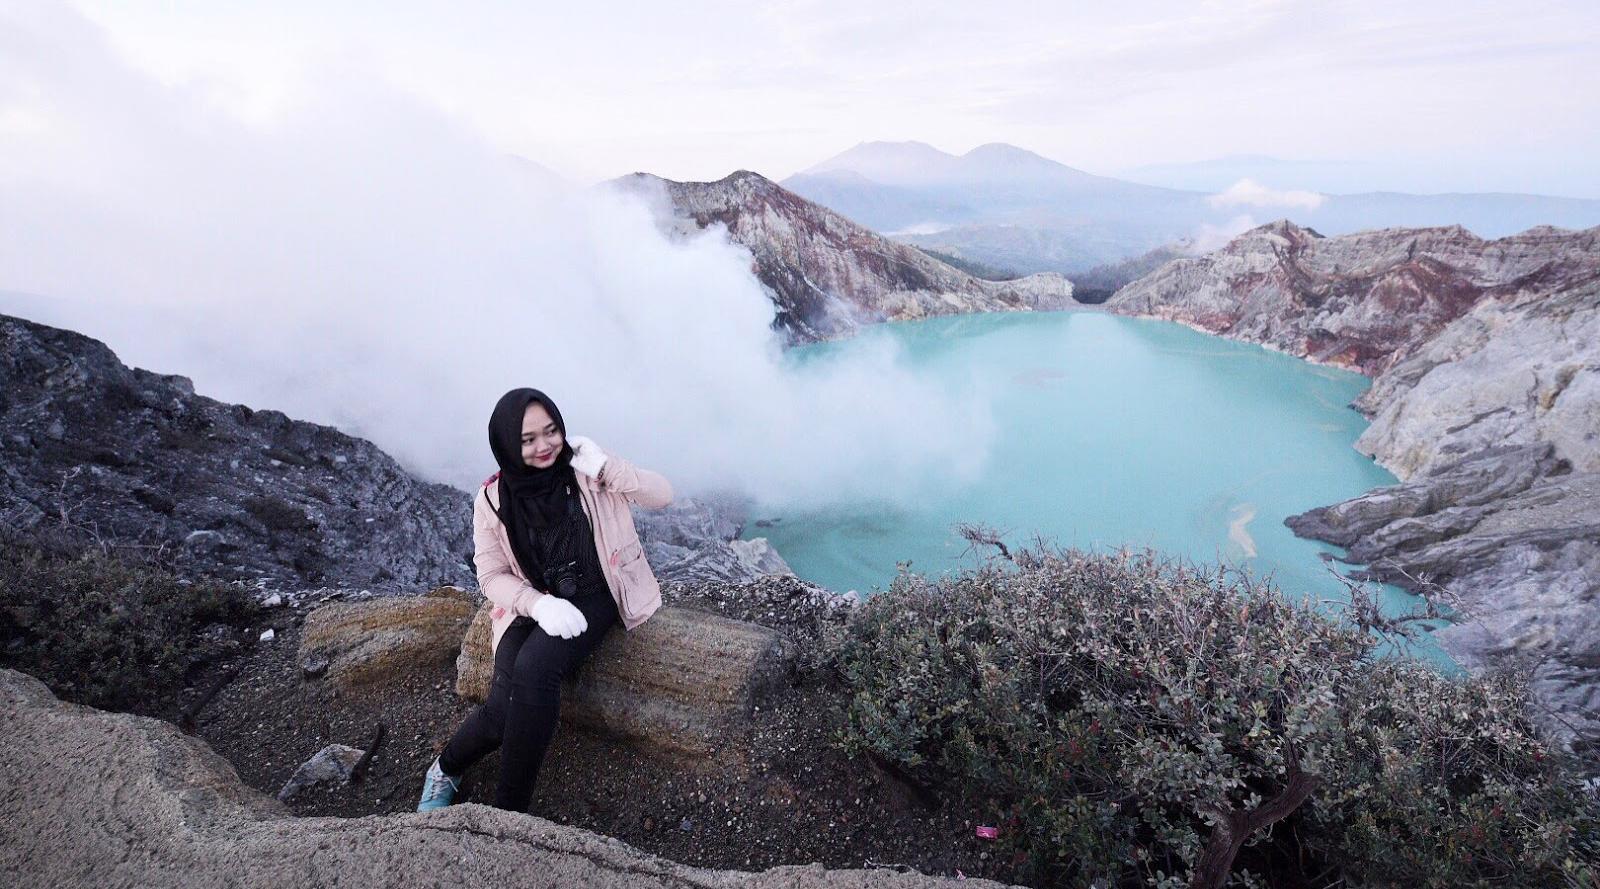 wisata indonesia vs luar negeri cewek cantik dan manis di kawah ijen pakai jilbab